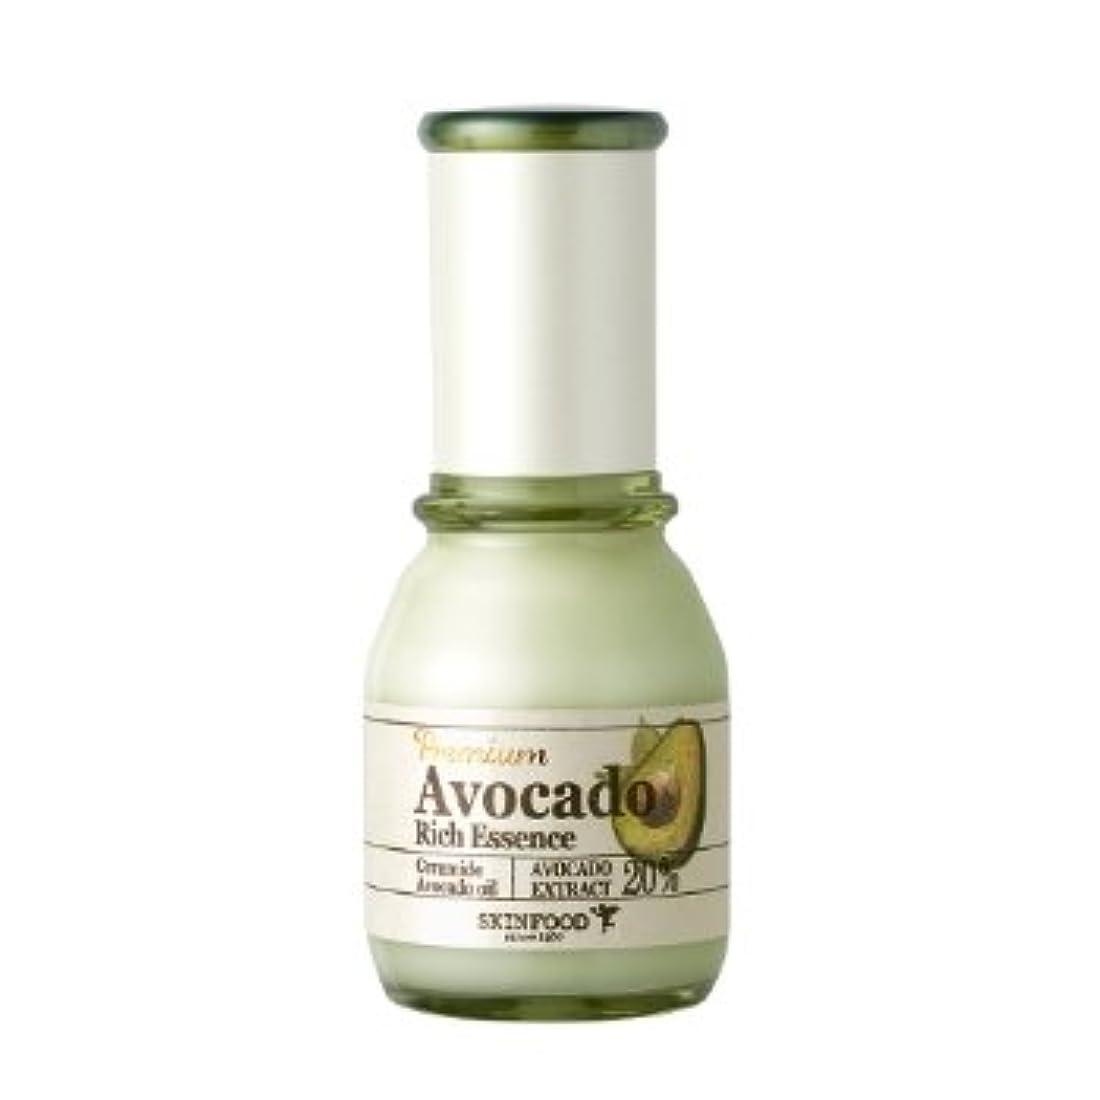 製造刃ビュッフェスキンフード [Skin Food] プレミアム アボカド リーチ エッセンス 50ml / Premium Avocado Rich Essence 海外直送品